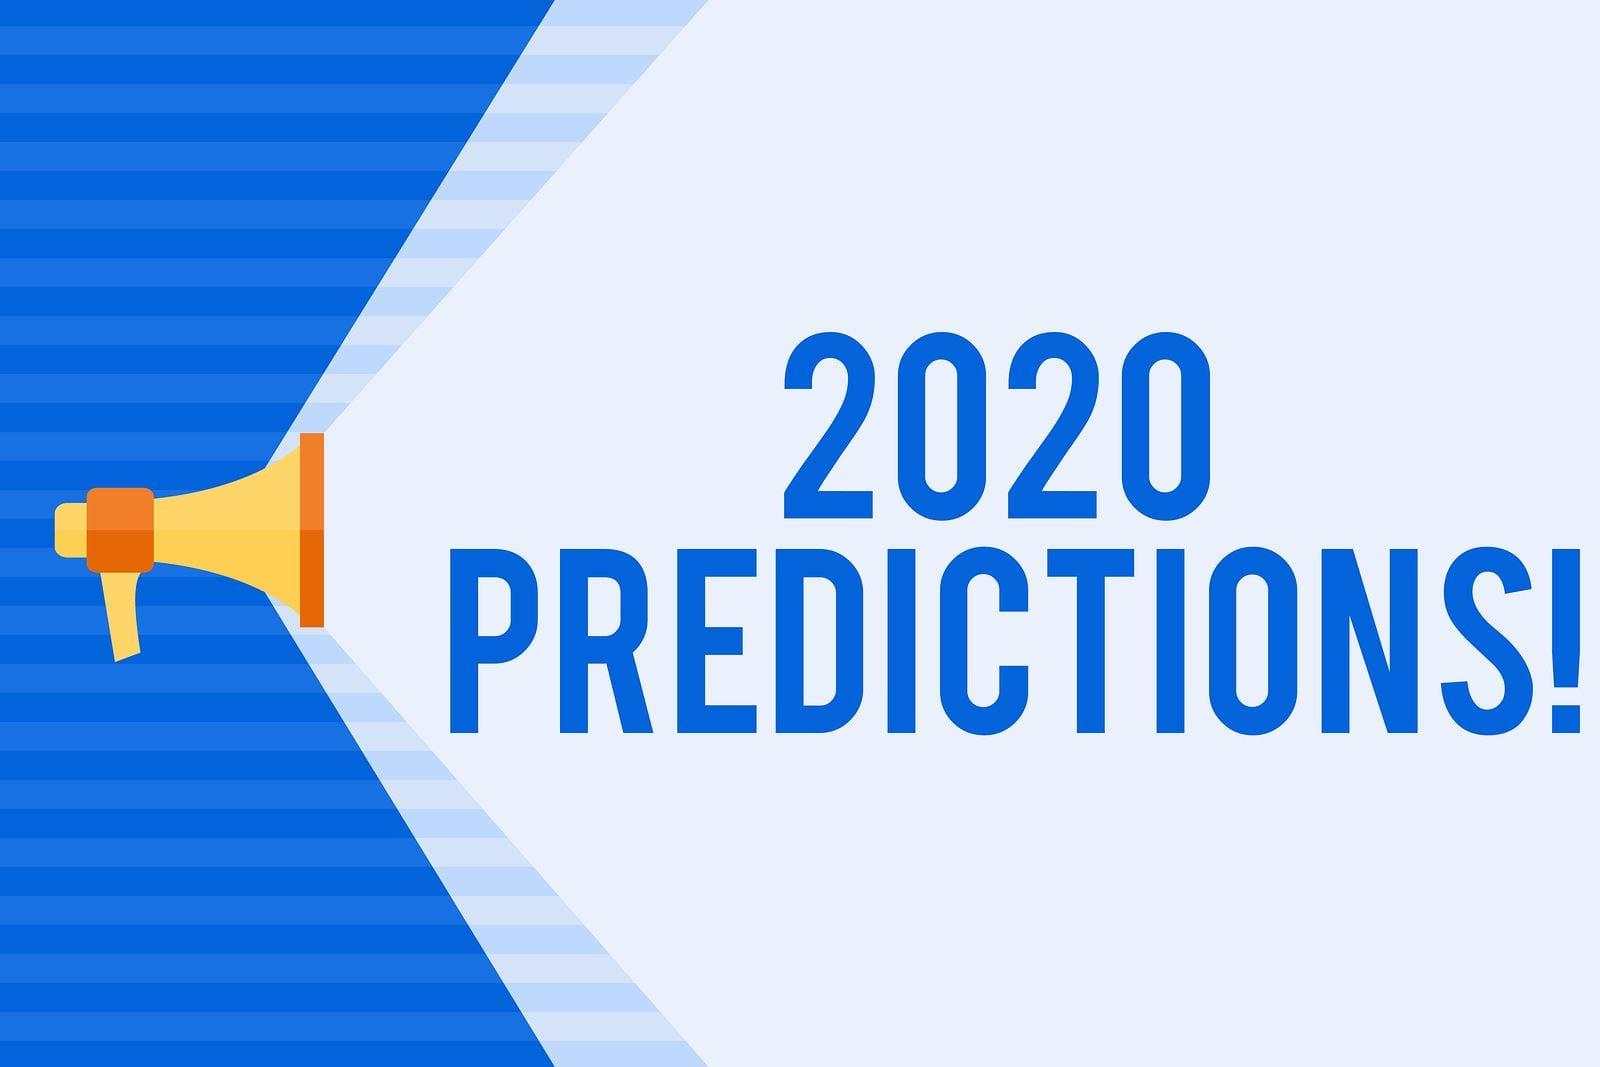 US Housing Market Predictions 2020 | Mashvisor